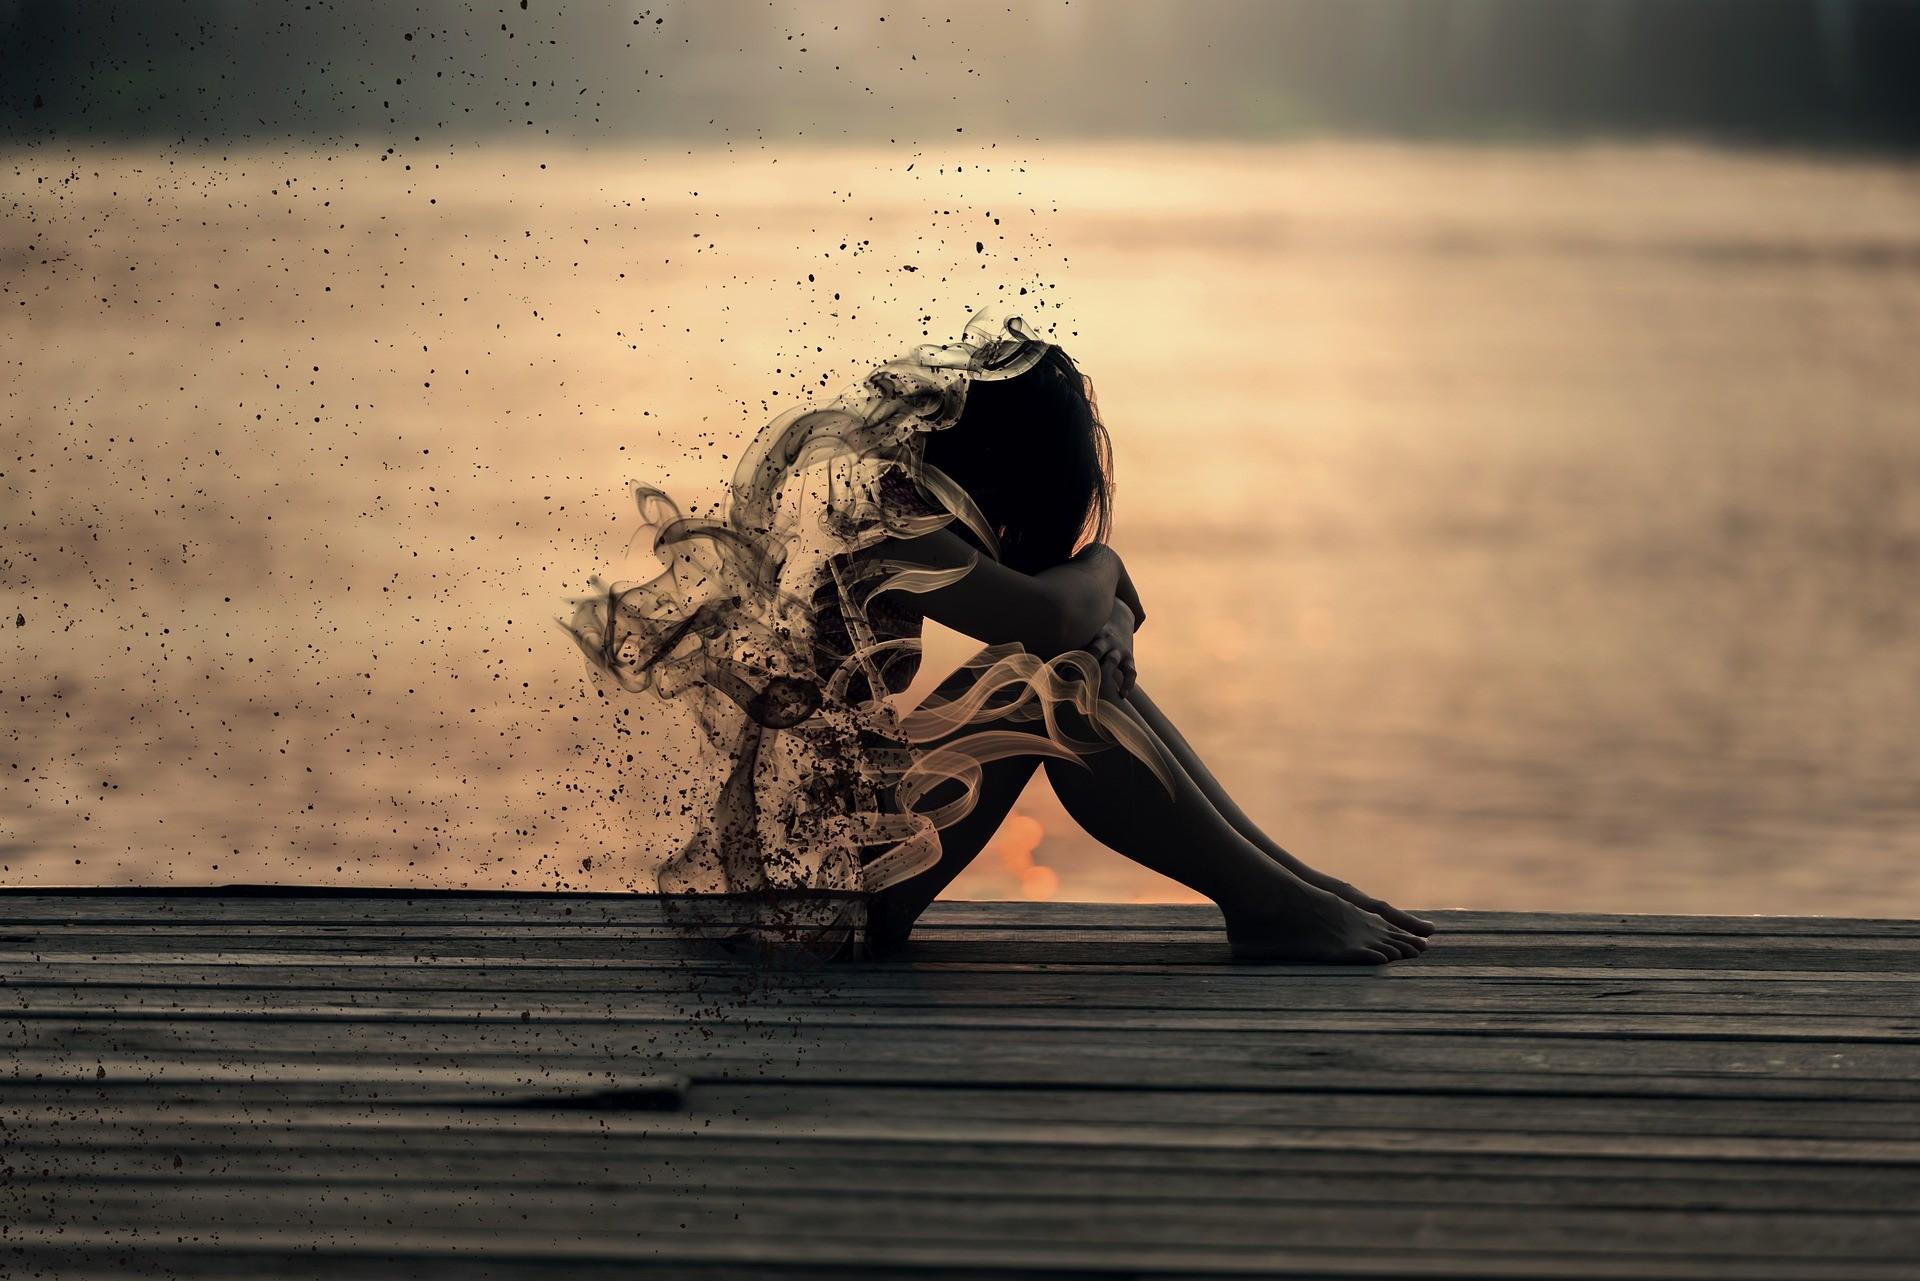 ▲▼性侵,女孩,女人,崩潰,消失,孤單,心情,寂寞。(圖/翻攝自pixabay)